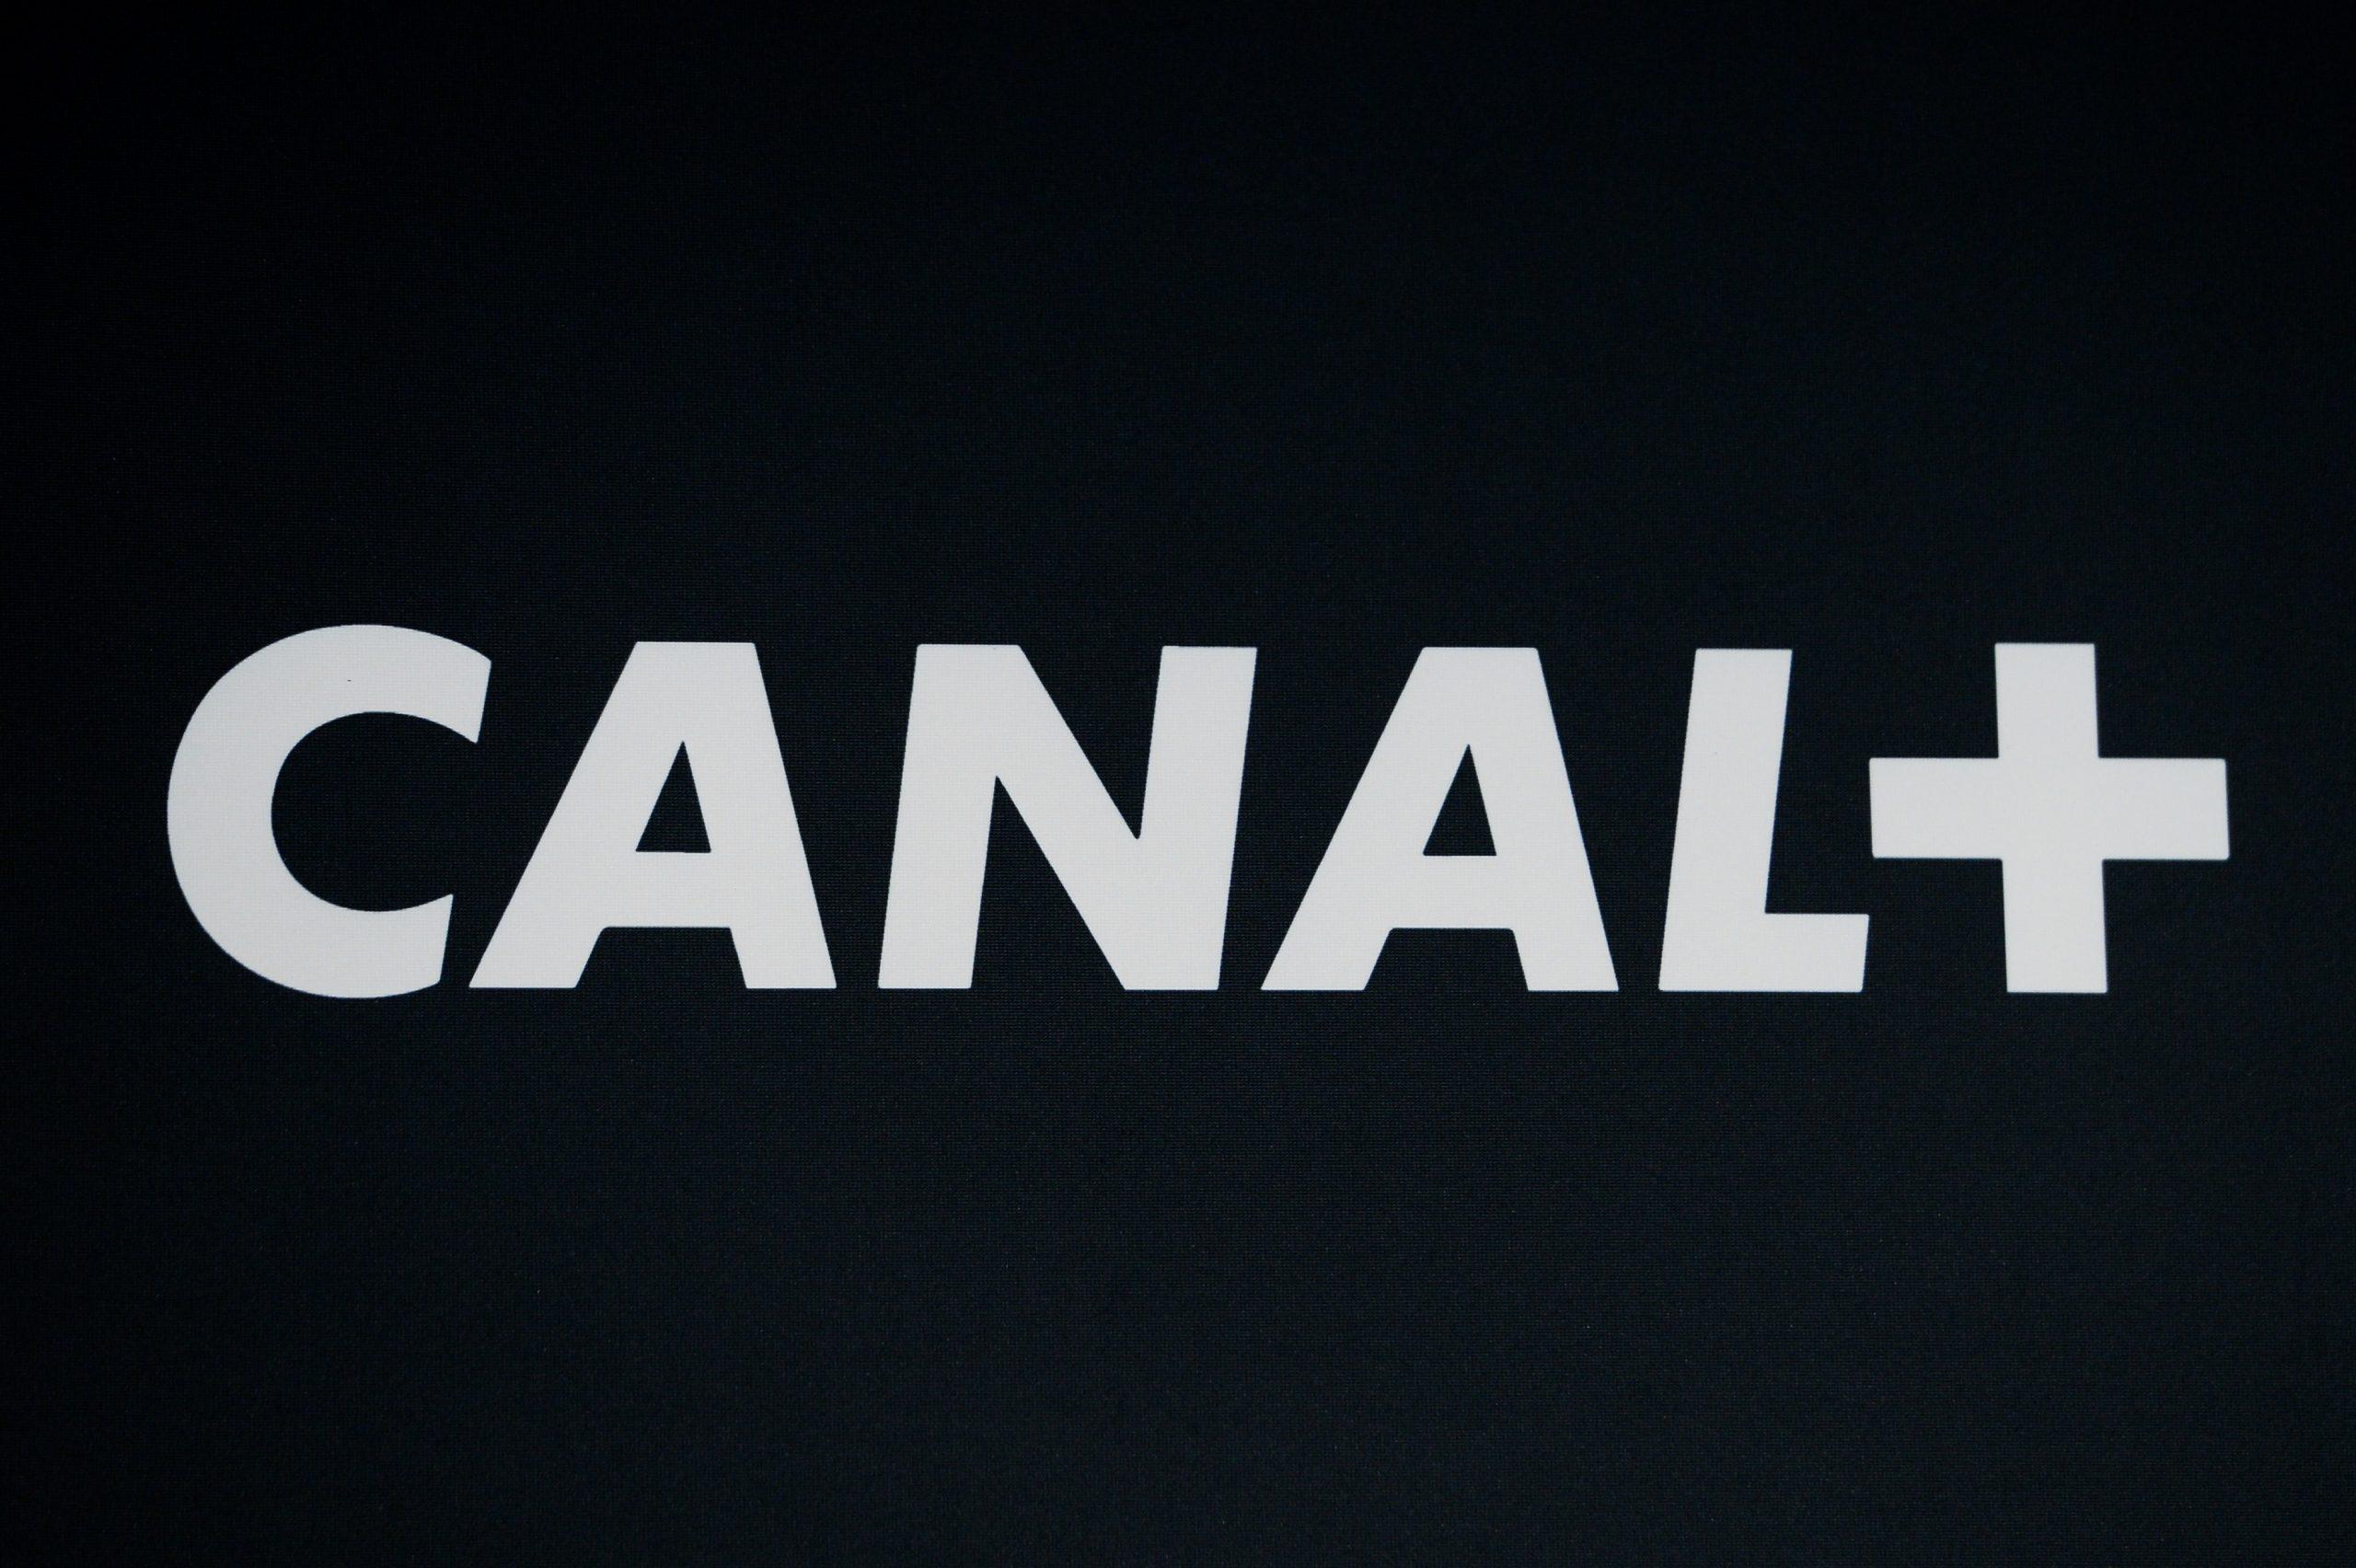 Officiel - Canal+ annonce le lancement de sa chaîne digitale dédiée à la Ligue 1